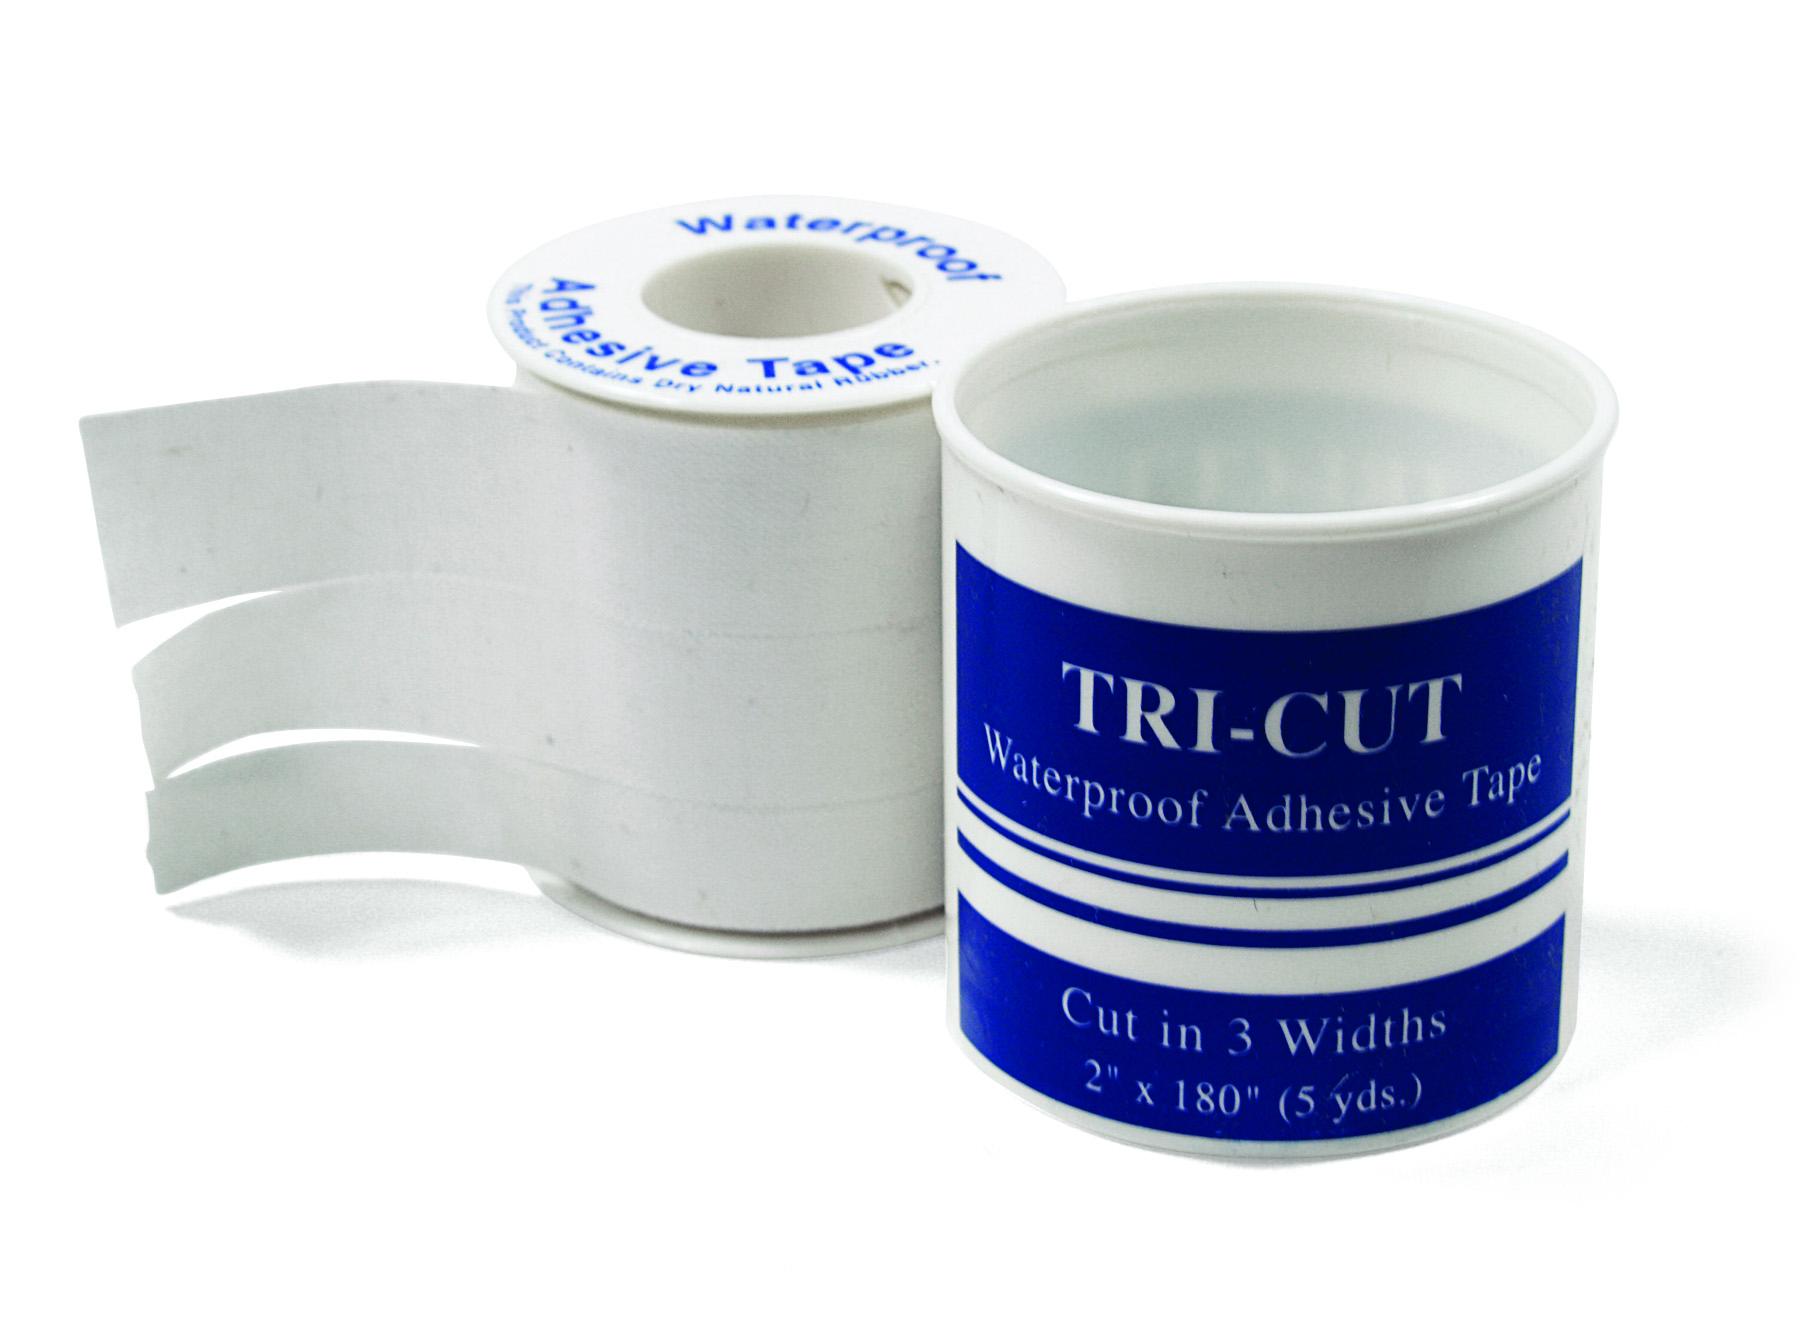 Tri-Cut Tape